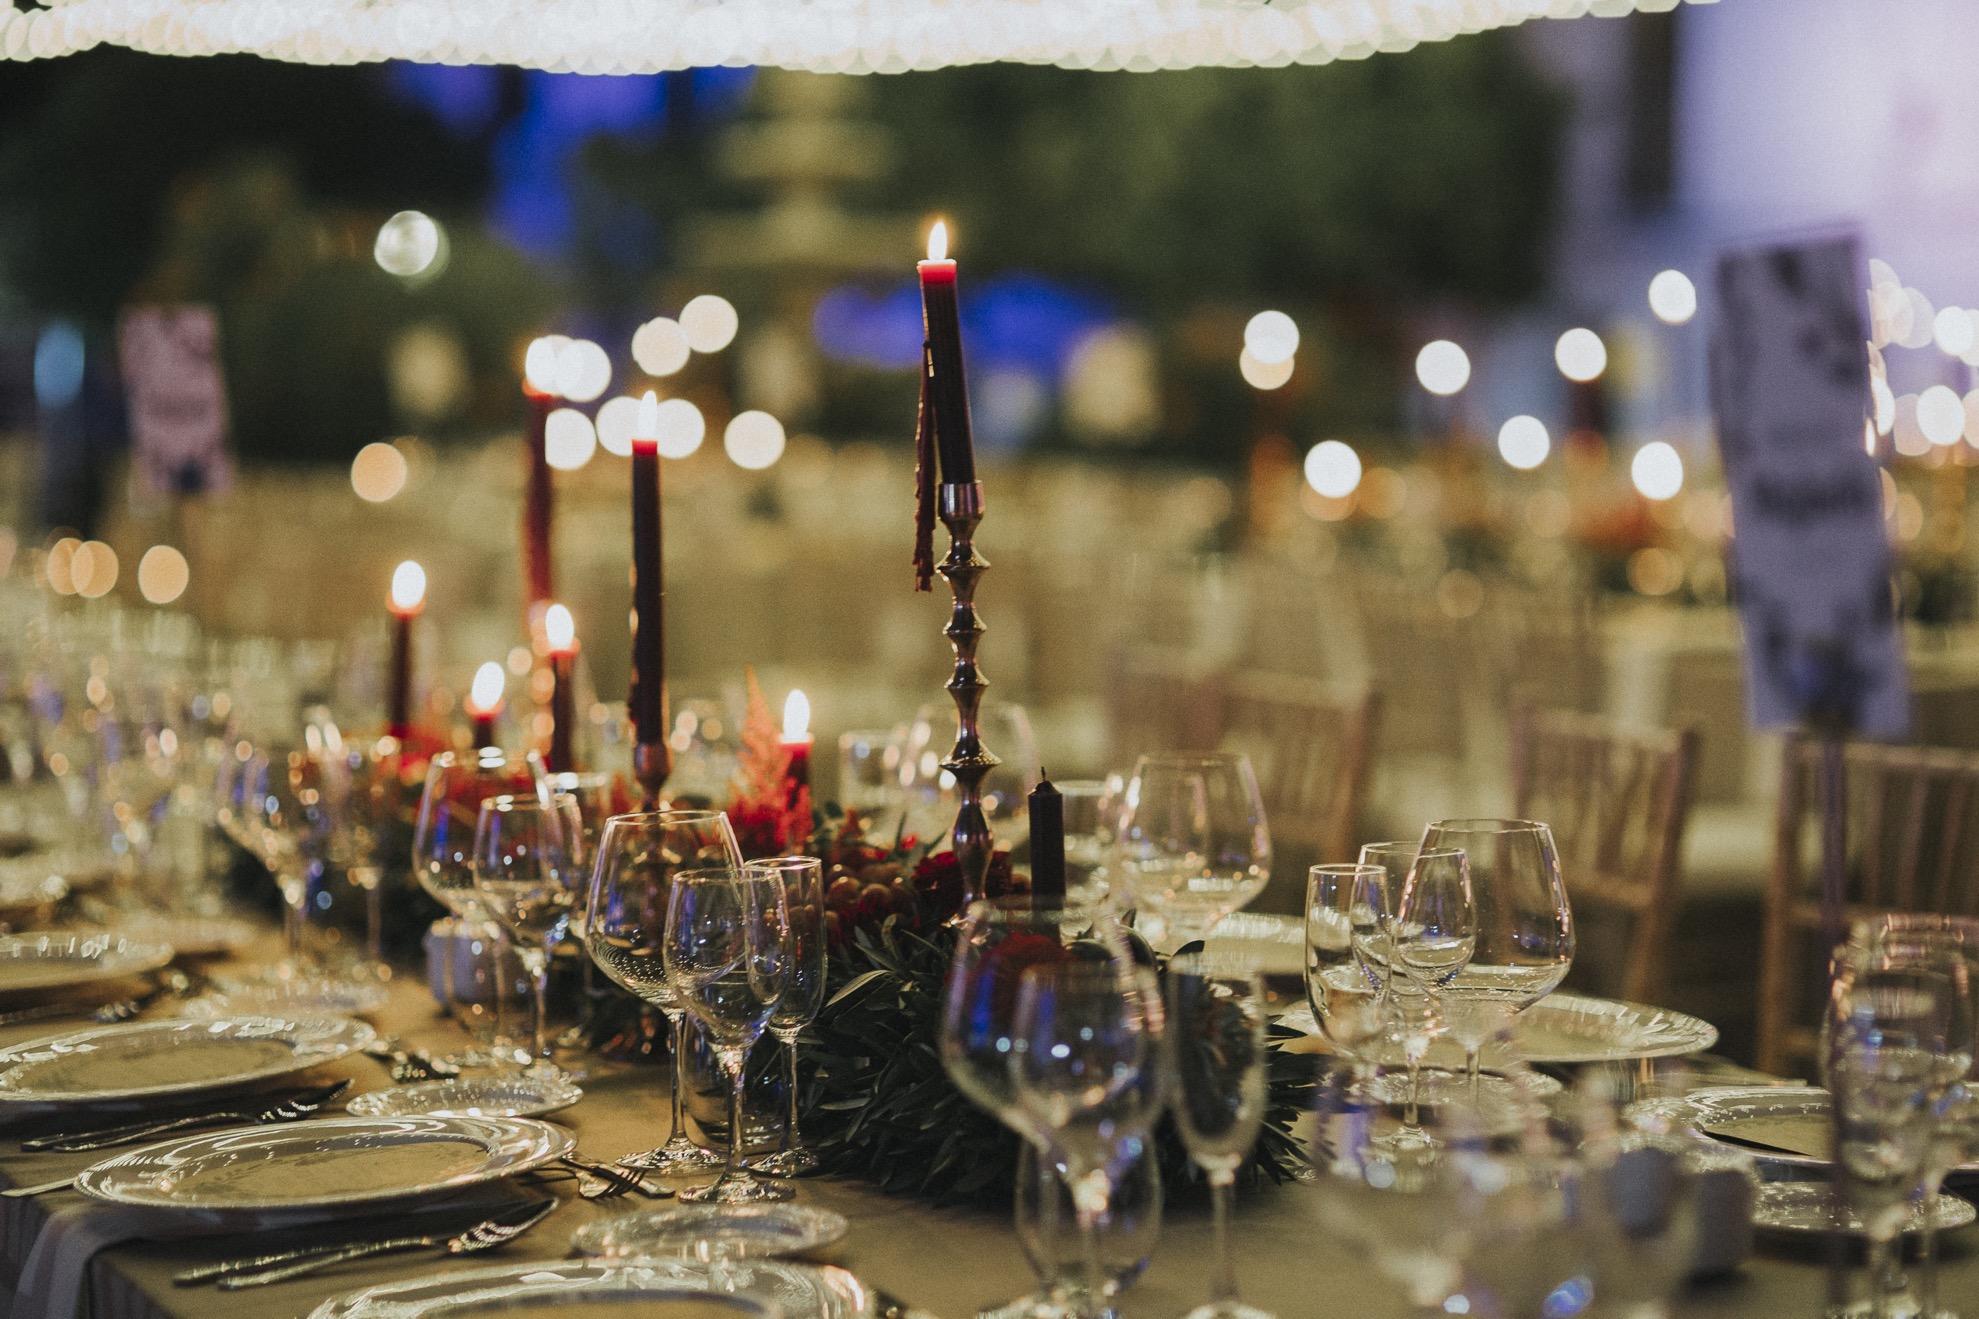 Si-Quiero-Wedding-Planner-By-Sira-Antequera-Bodas-Málaga-Marbella-Miami- Toñi-Jarri-10